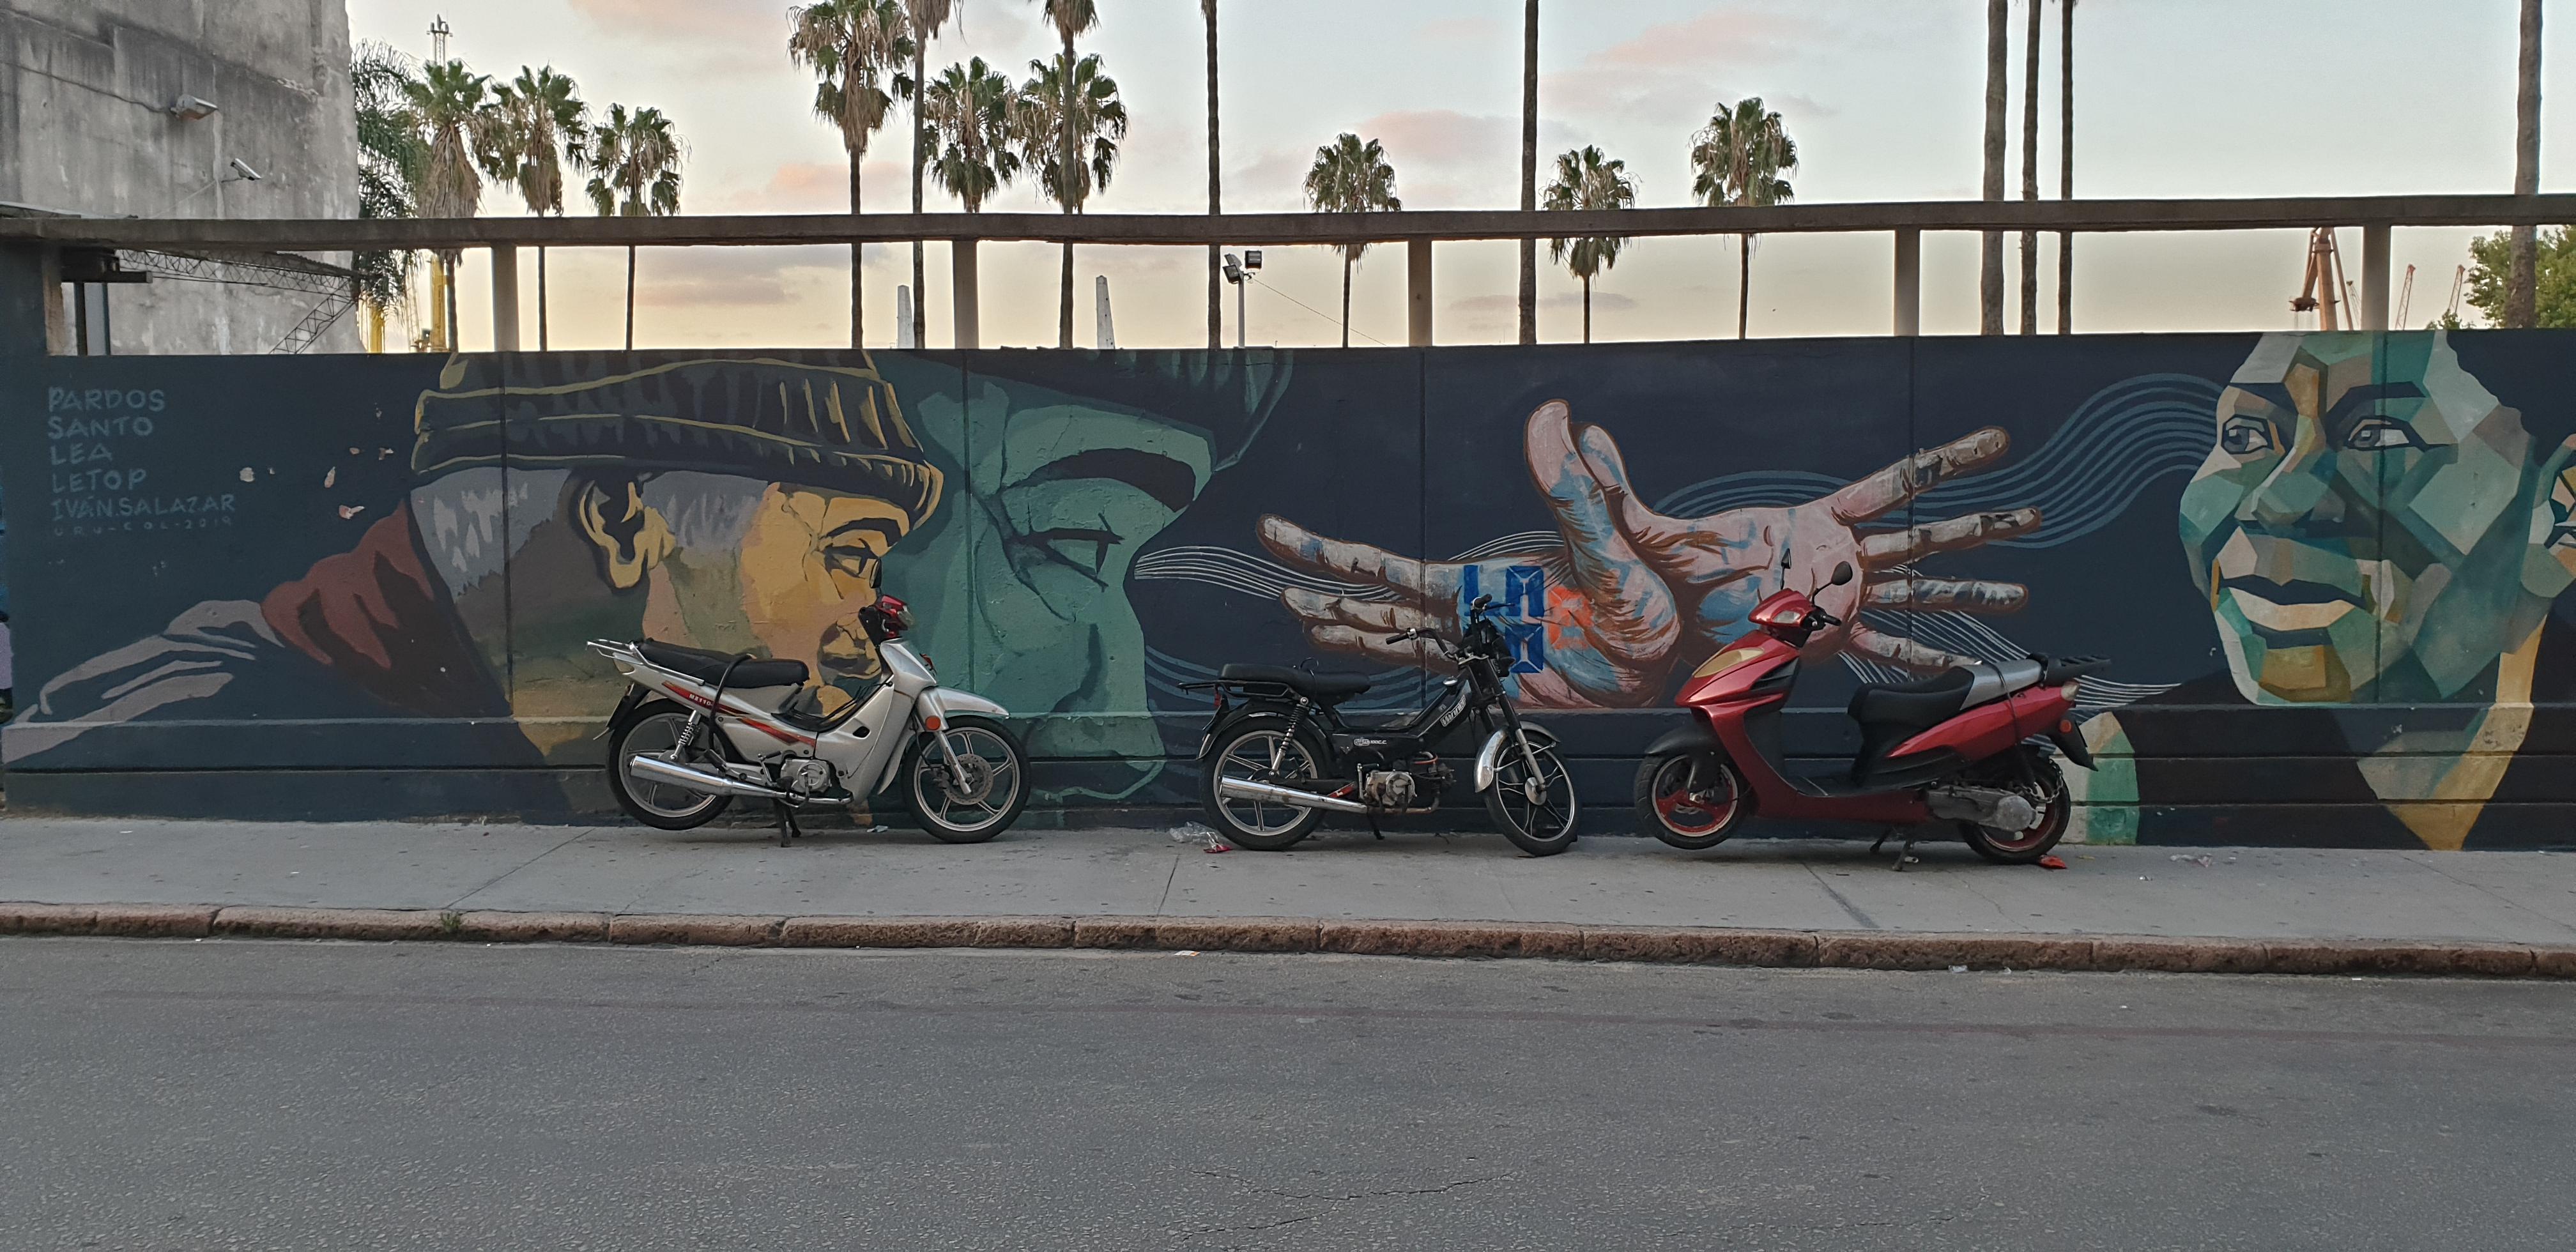 Mur réalisé par Pardos, El Santo, LEA, Andres Letop, Ivan Salazar - 1- Montevideo - Uruguay 2020 - ©nofakeinmynews.com